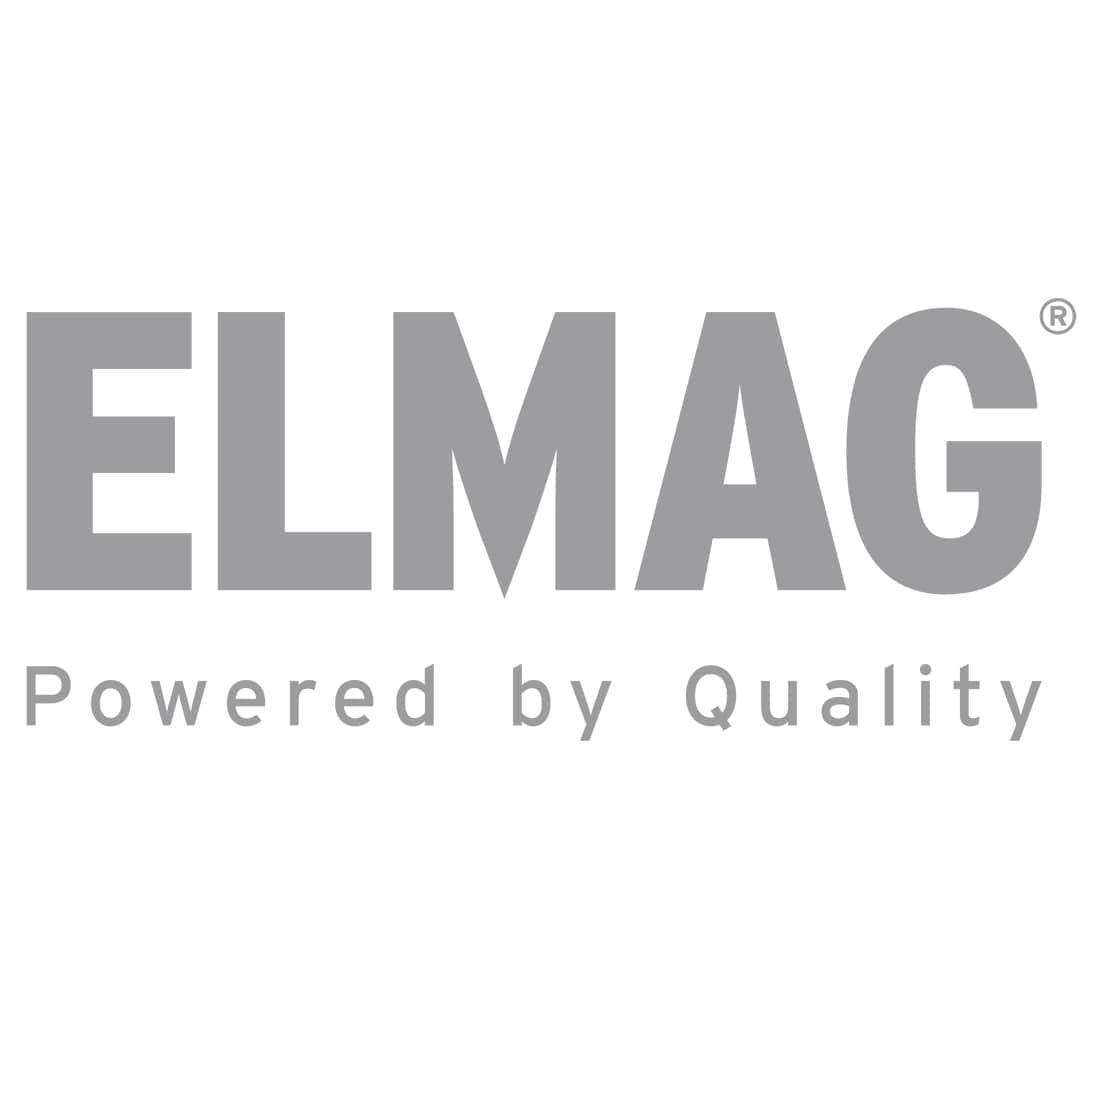 INDUSTRIE Schlauchaufroller Edelstahl '4432/10' für Druckluft u. Wasser 70°C, 20bar - ohne Schlauch'ABS-Kunststofftrommel'